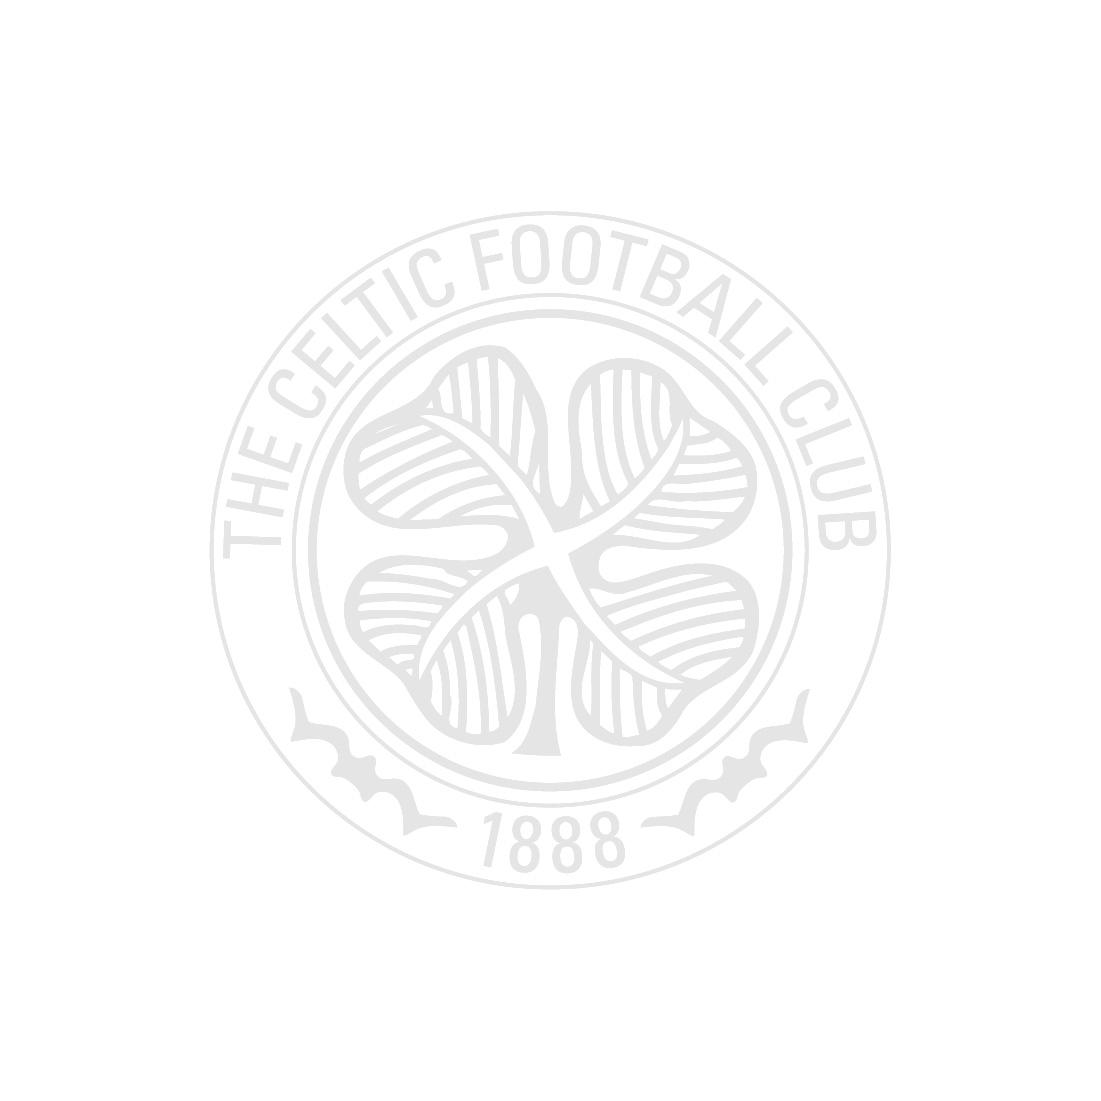 Celtic Hooped Socks - Black